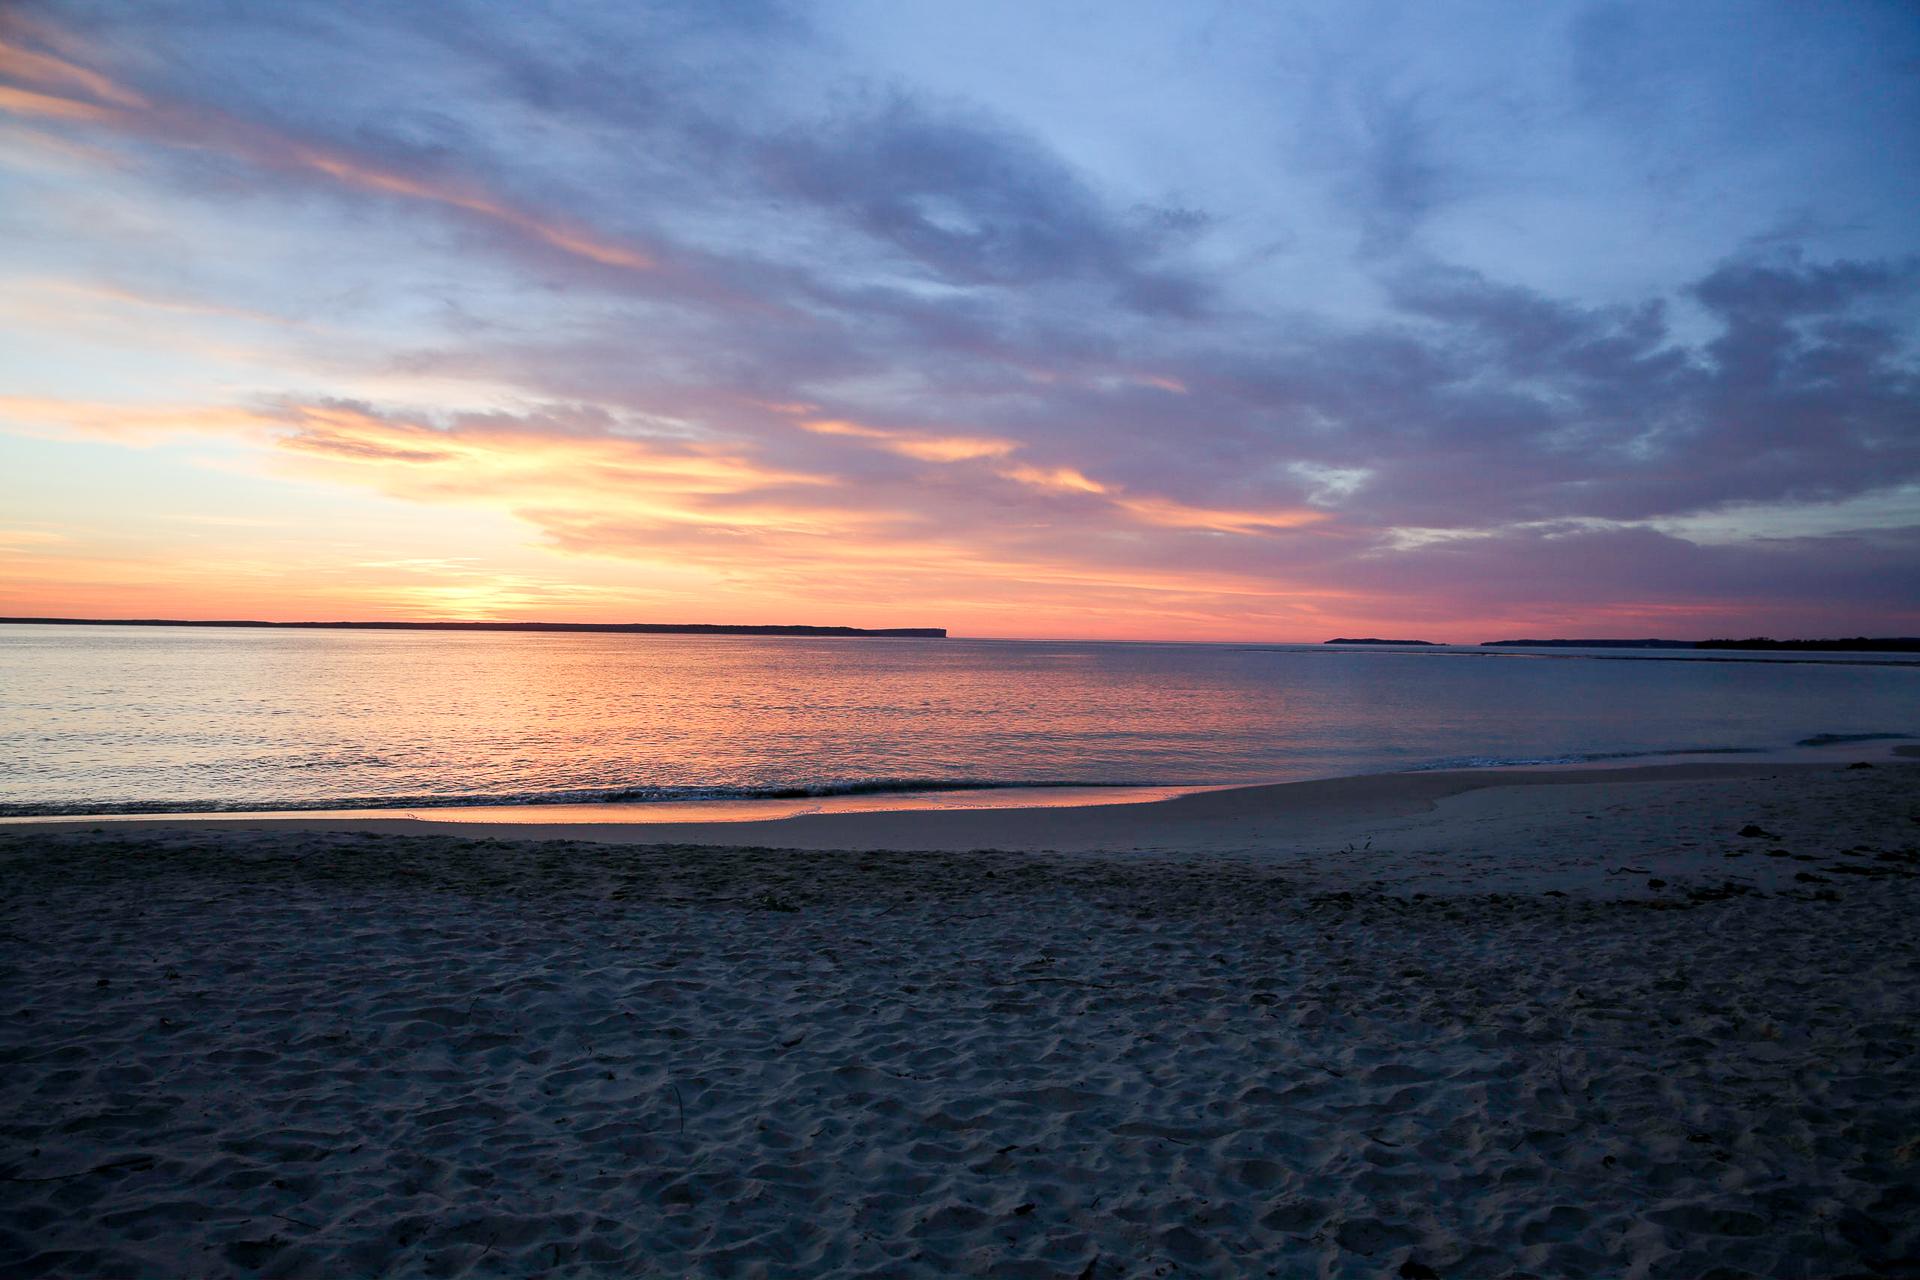 Bild: Sonnenaufgang Jervis Bay Australien Ostküste